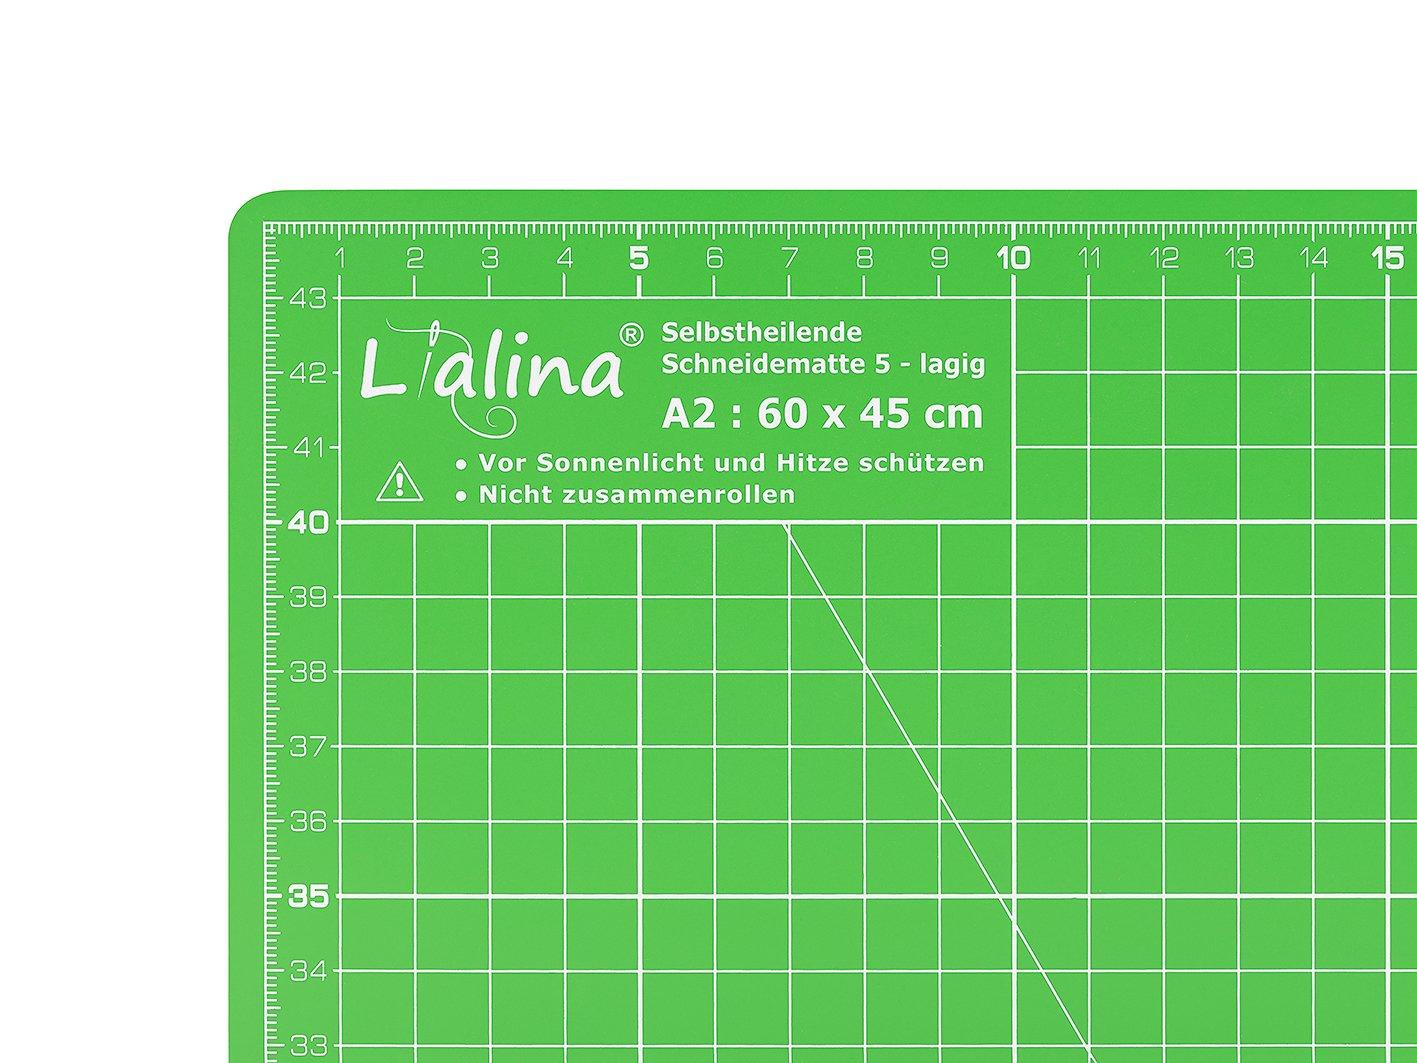 Taglierina a Rotella 45mm Righello Universale 15x30cm Lialina/® Kit Patchwork Piano da Taglio Autorigenerante 60x45cm